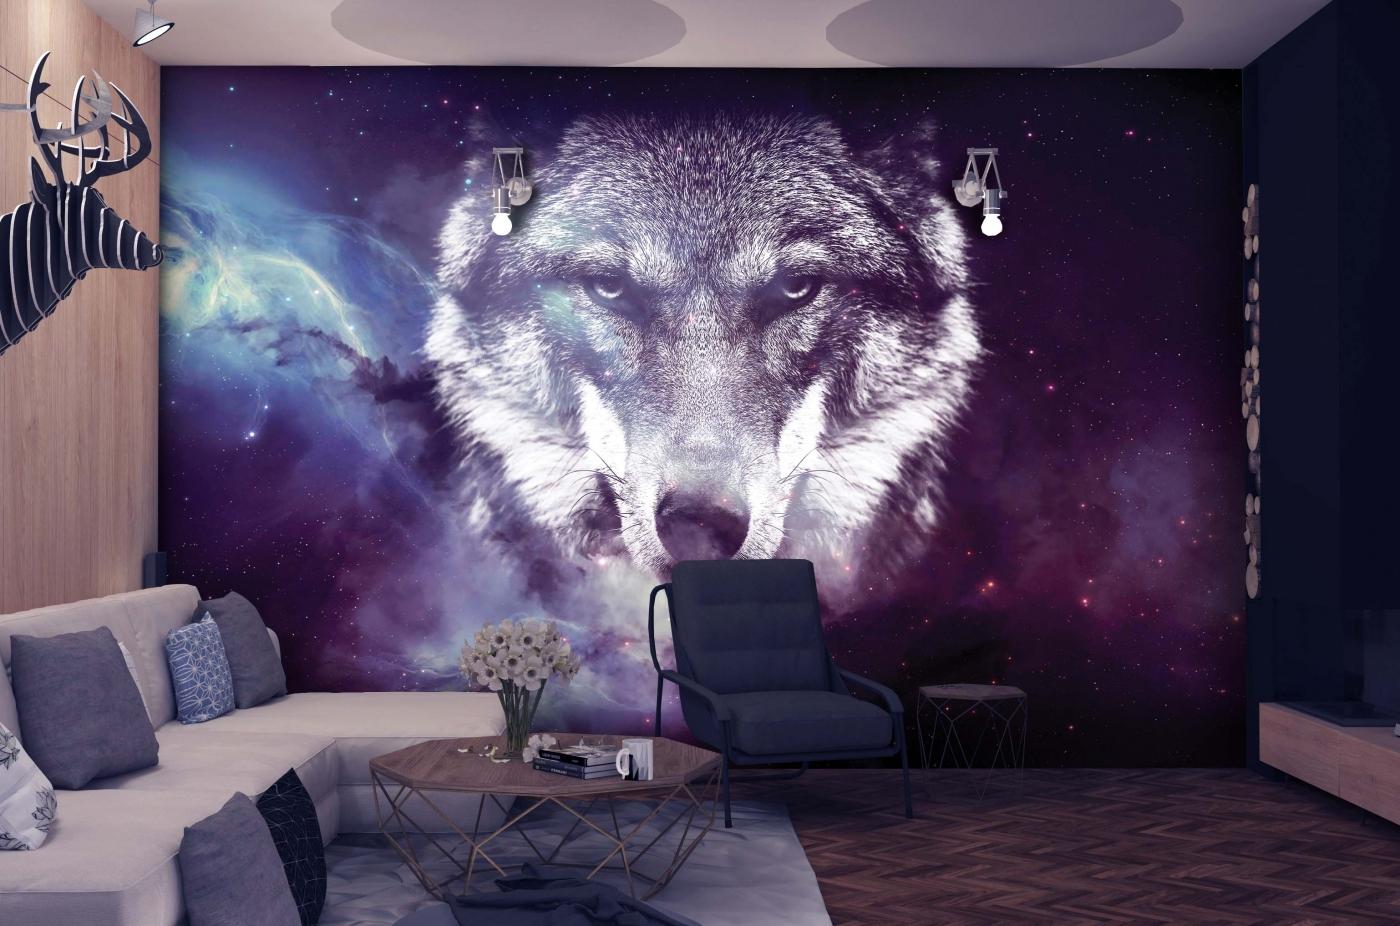 Tapeta Vesmírný vlk, 144 x 105 cm